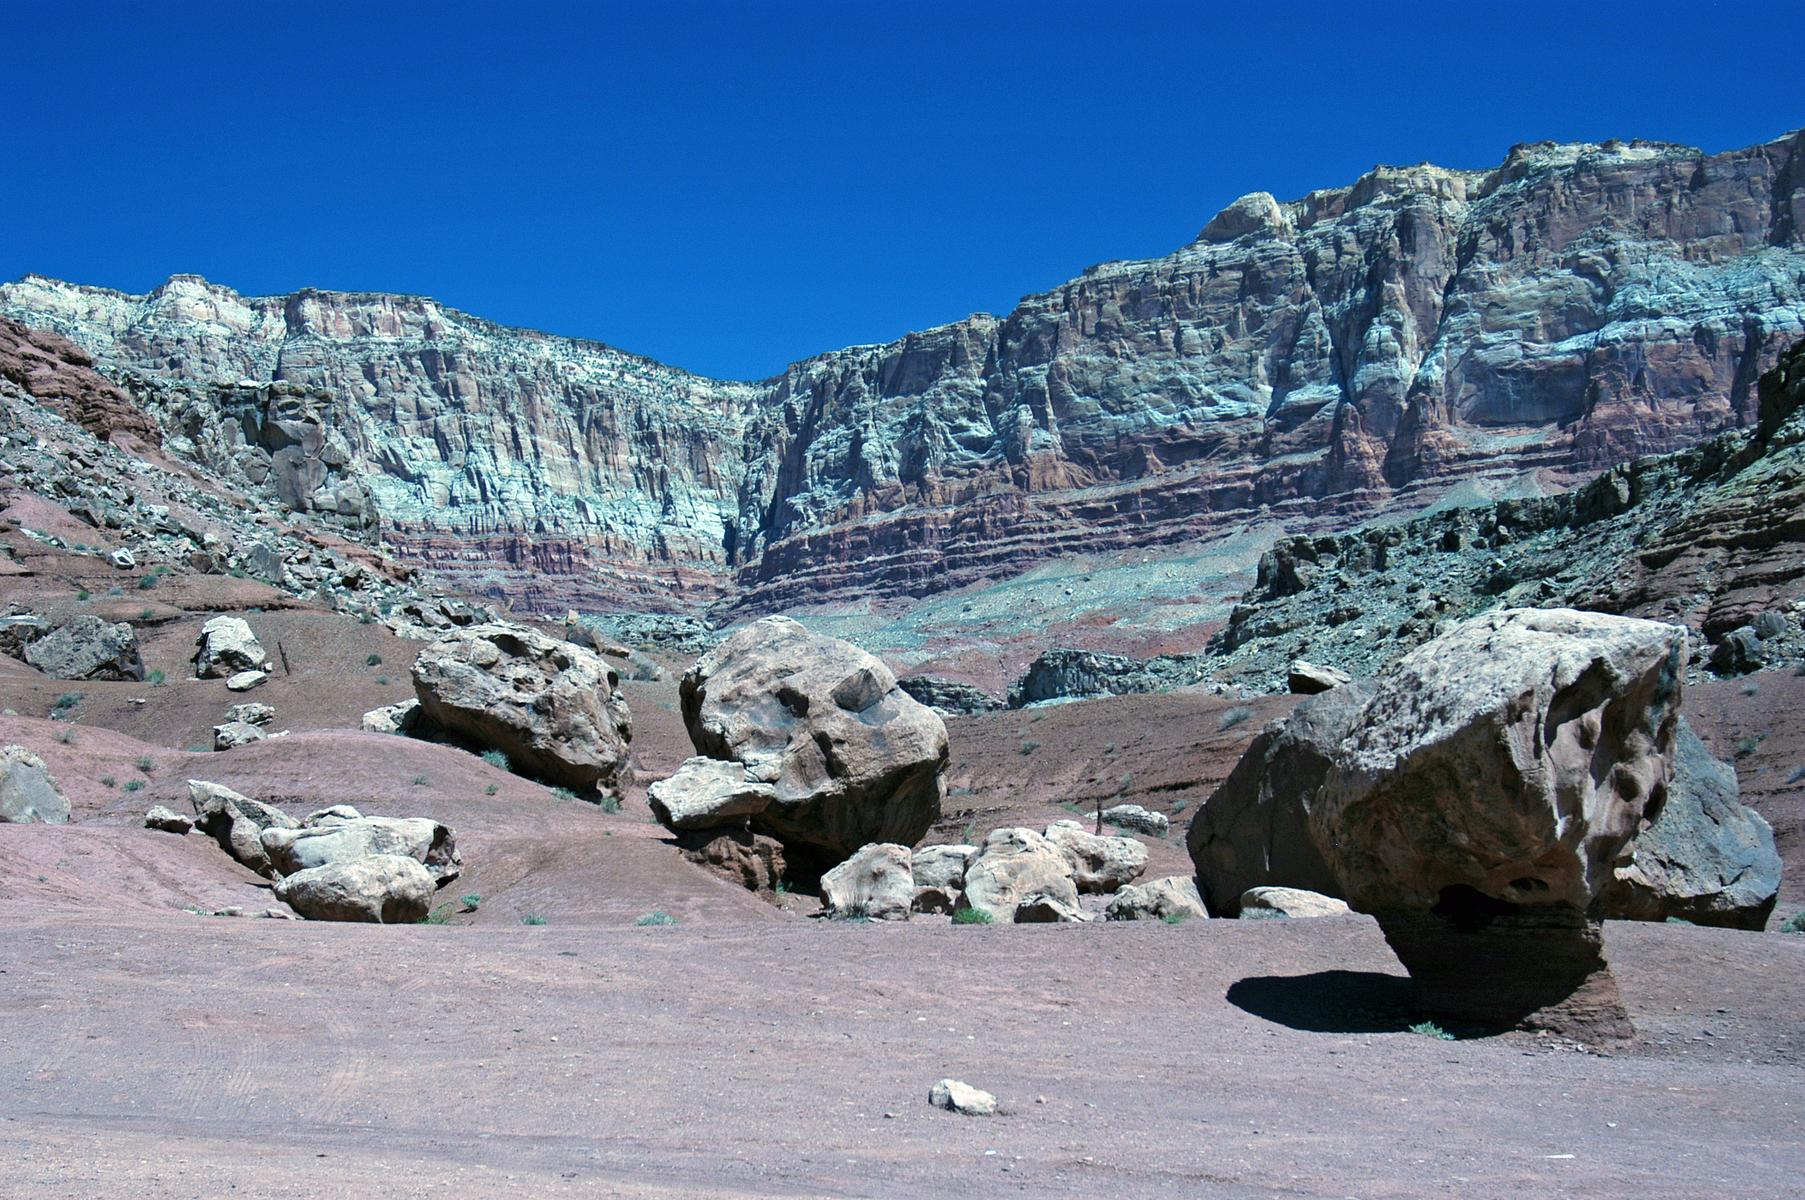 striated sandstone of Vermillion Cliffs, northern Arizona